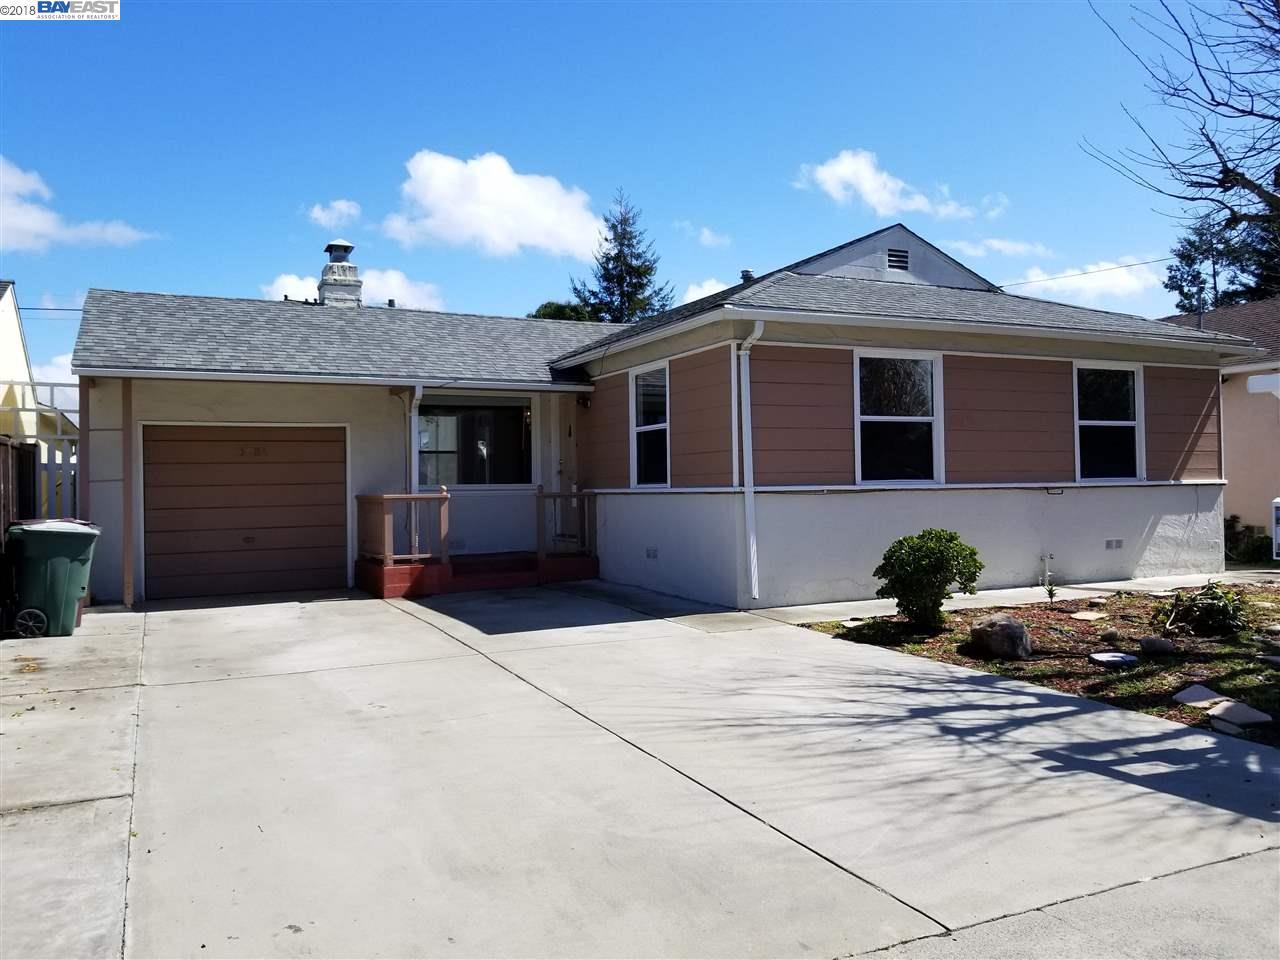 Casa Unifamiliar por un Venta en 16084 Paseo Largavista 16084 Paseo Largavista San Lorenzo, California 94580 Estados Unidos